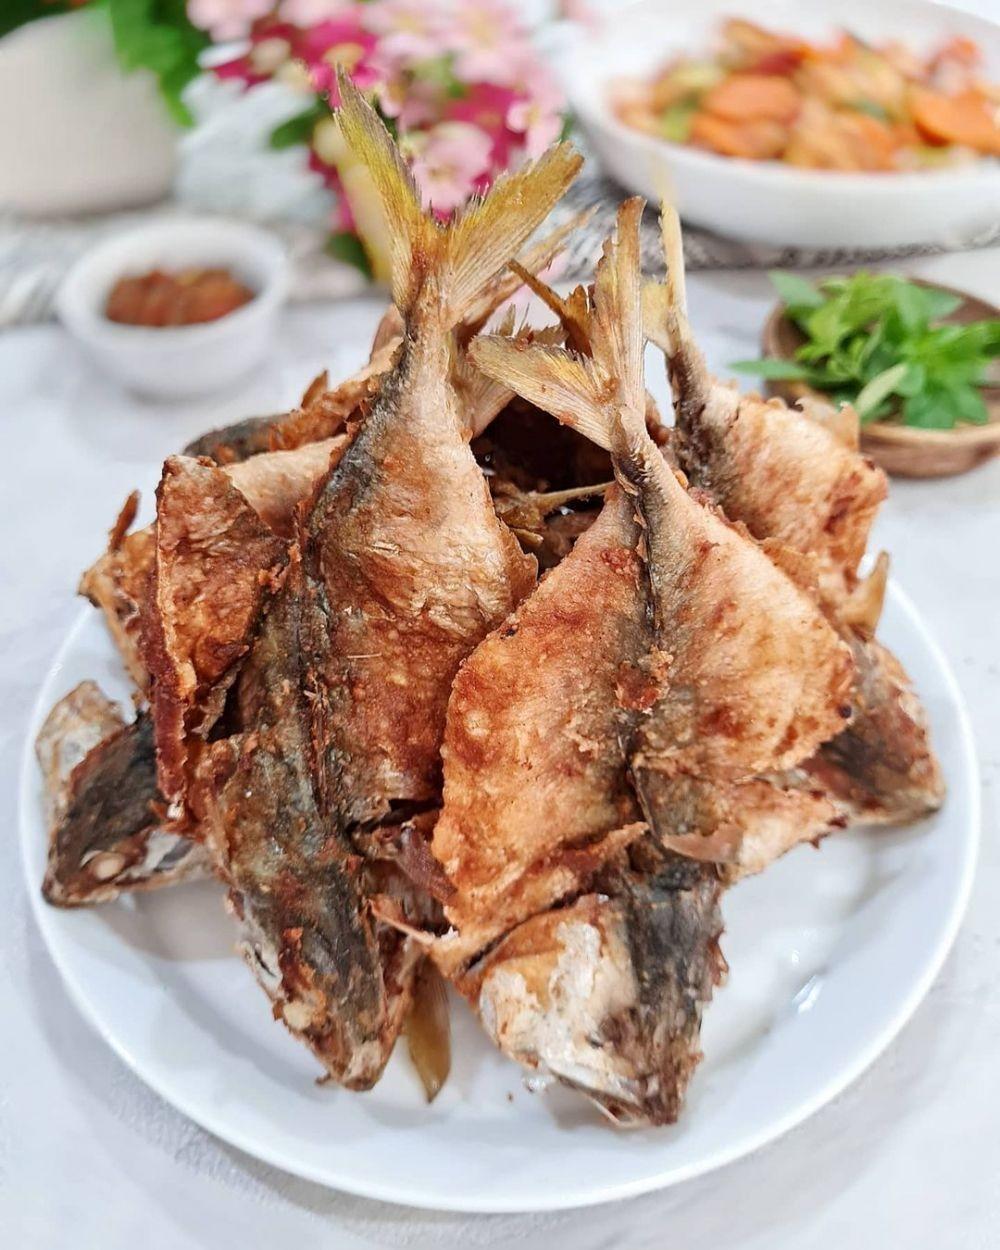 5 Resep Ikan Kembung untuk Makan Siang yang Serba Enak dan Praktis